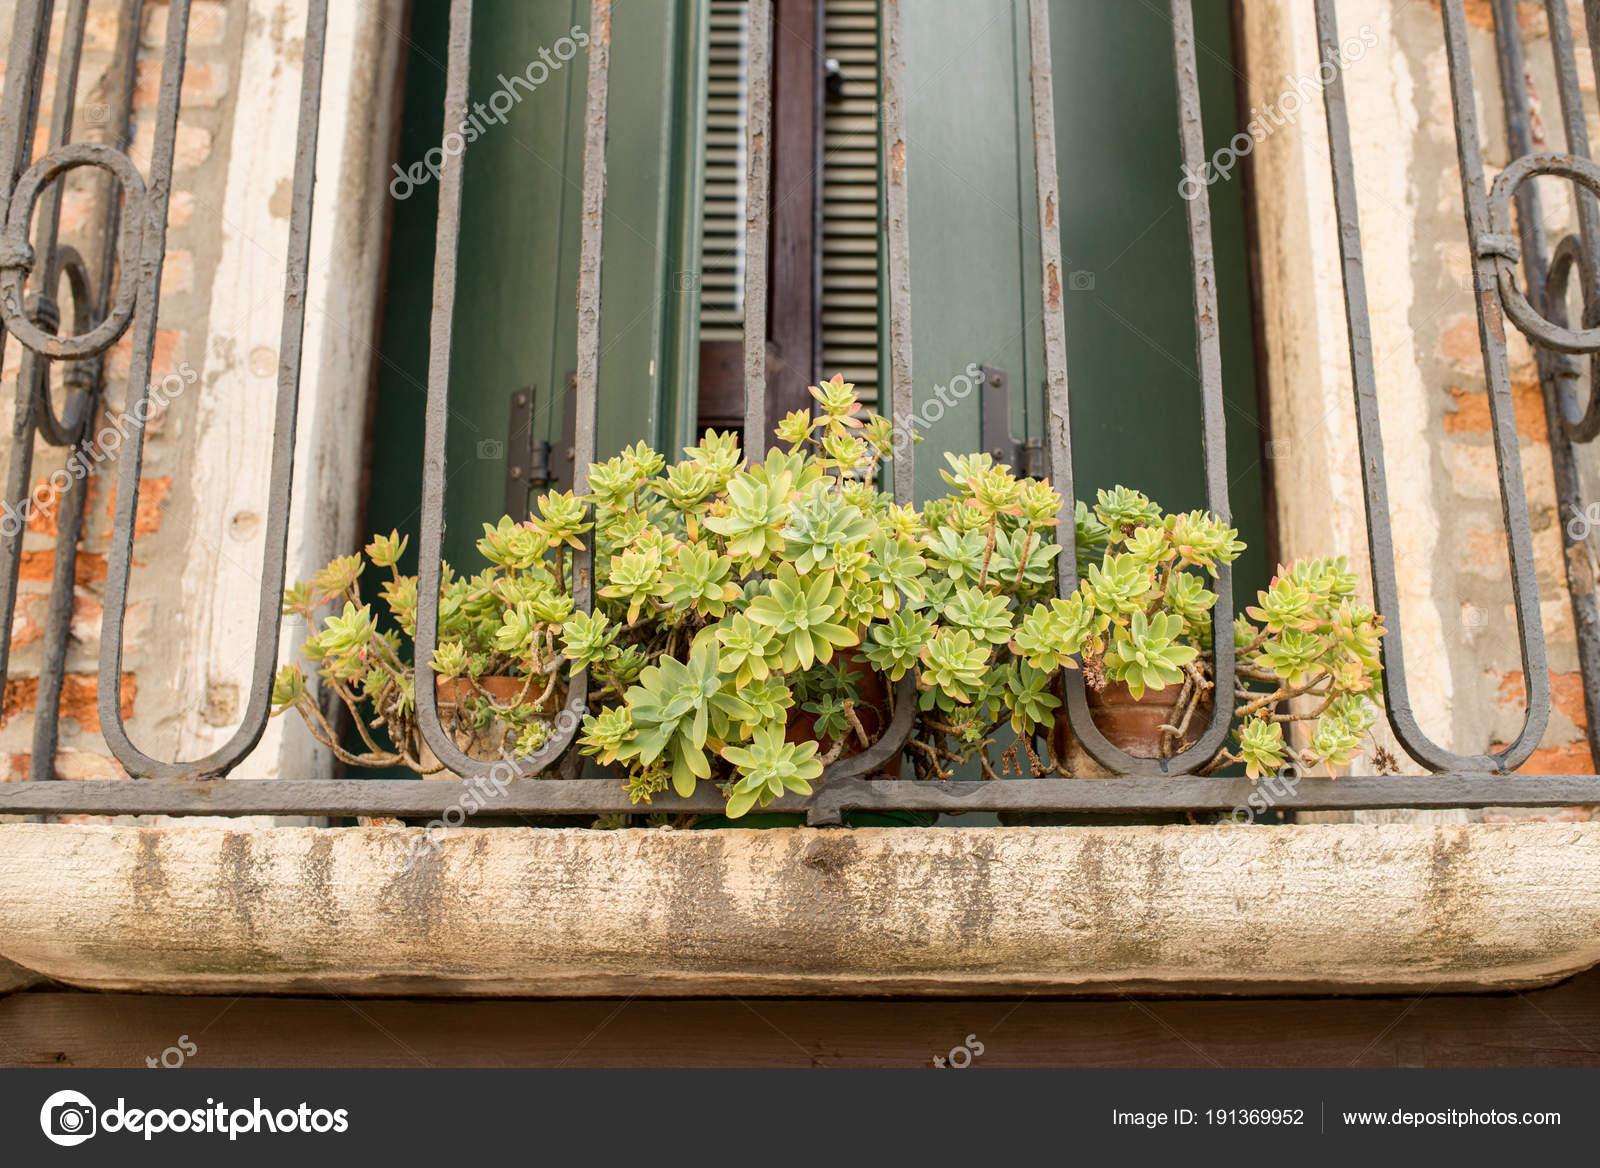 grüne pflanze in roten blumentopf draußen auf der fensterbank gegen